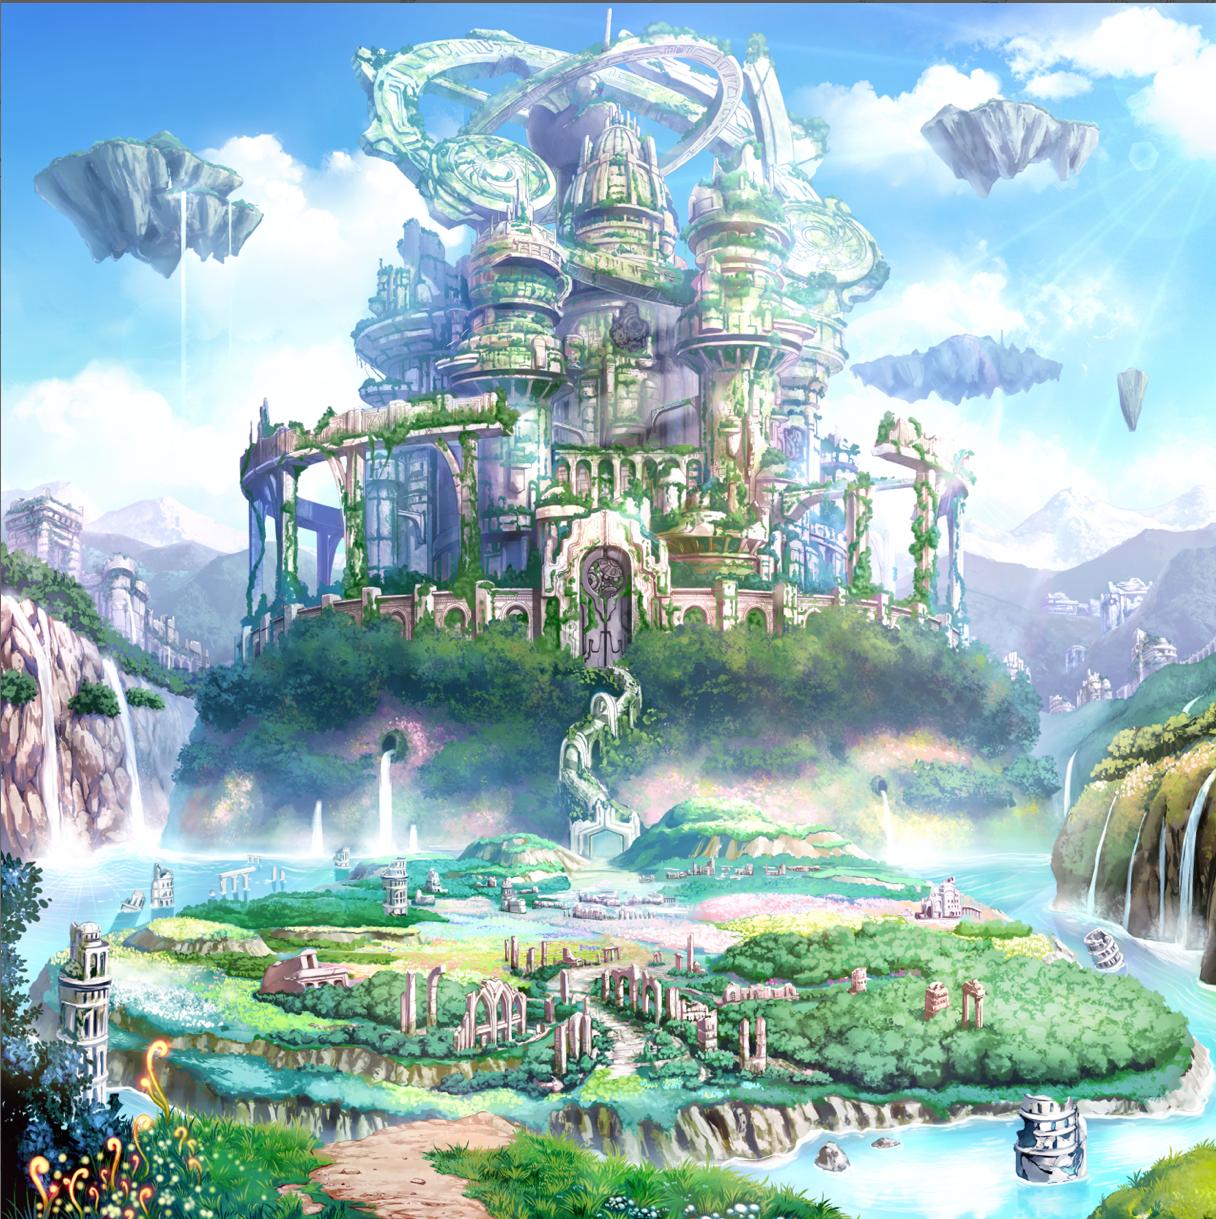 Background Paisagem Fantasia Cenario Anime Cidade De Fantasia